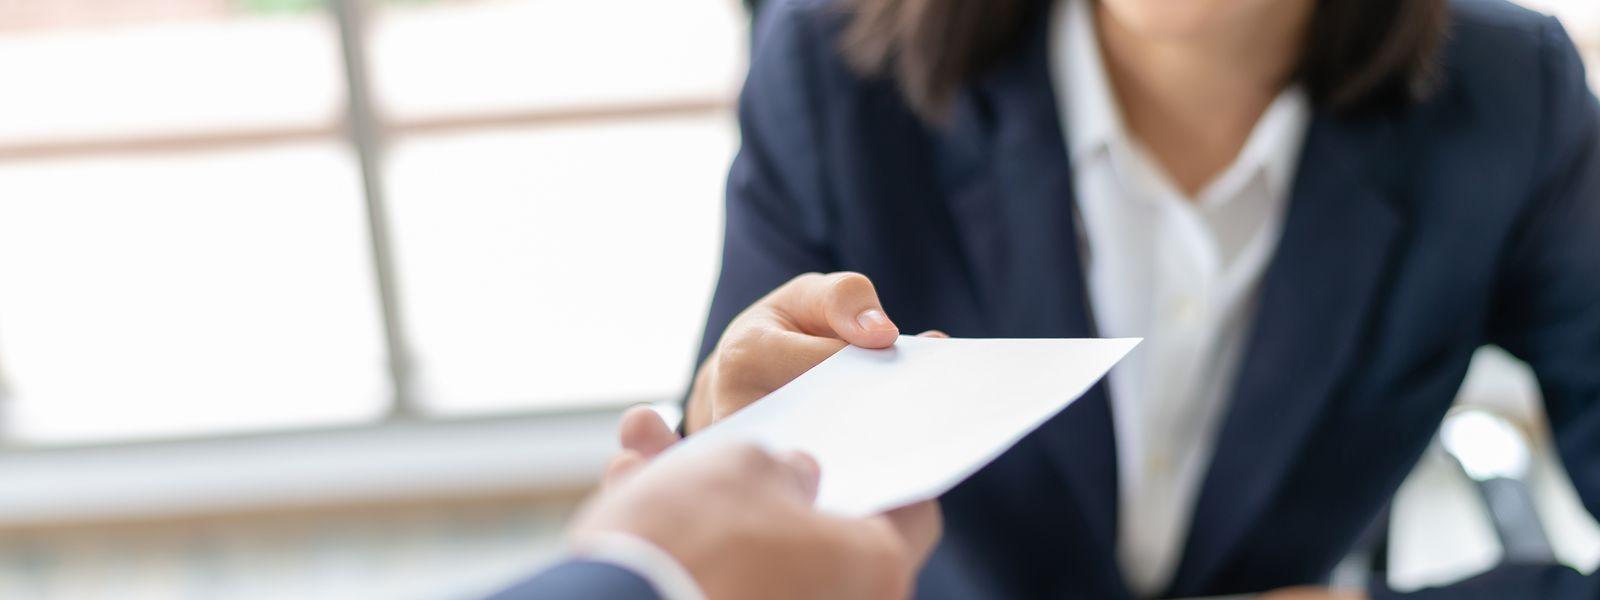 L'étude de Korn Ferry sur les salaires a été menée auprès de 70 entreprises au Luxembourg et 580 en Belgique.